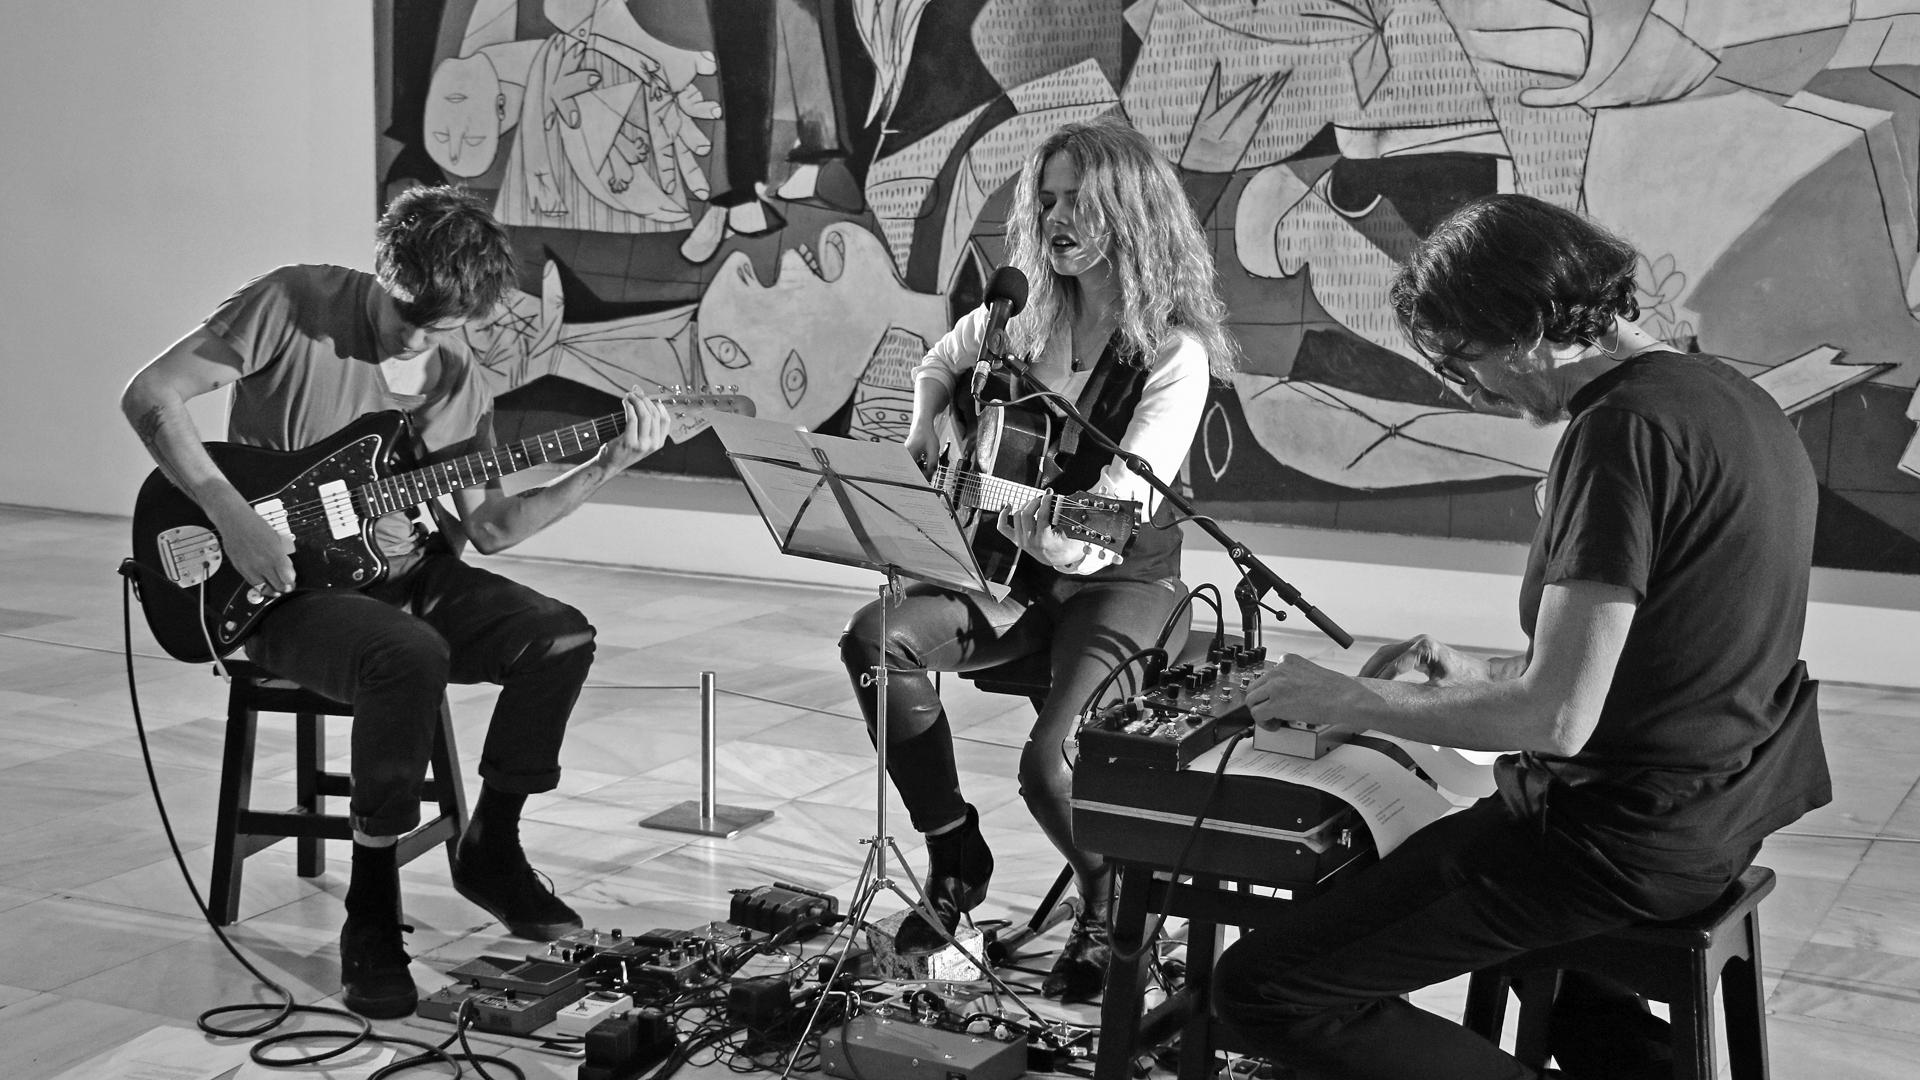 Suena Guernica - Christina Rosenvinge, 'La victoria de Guernica' - 31/05/17